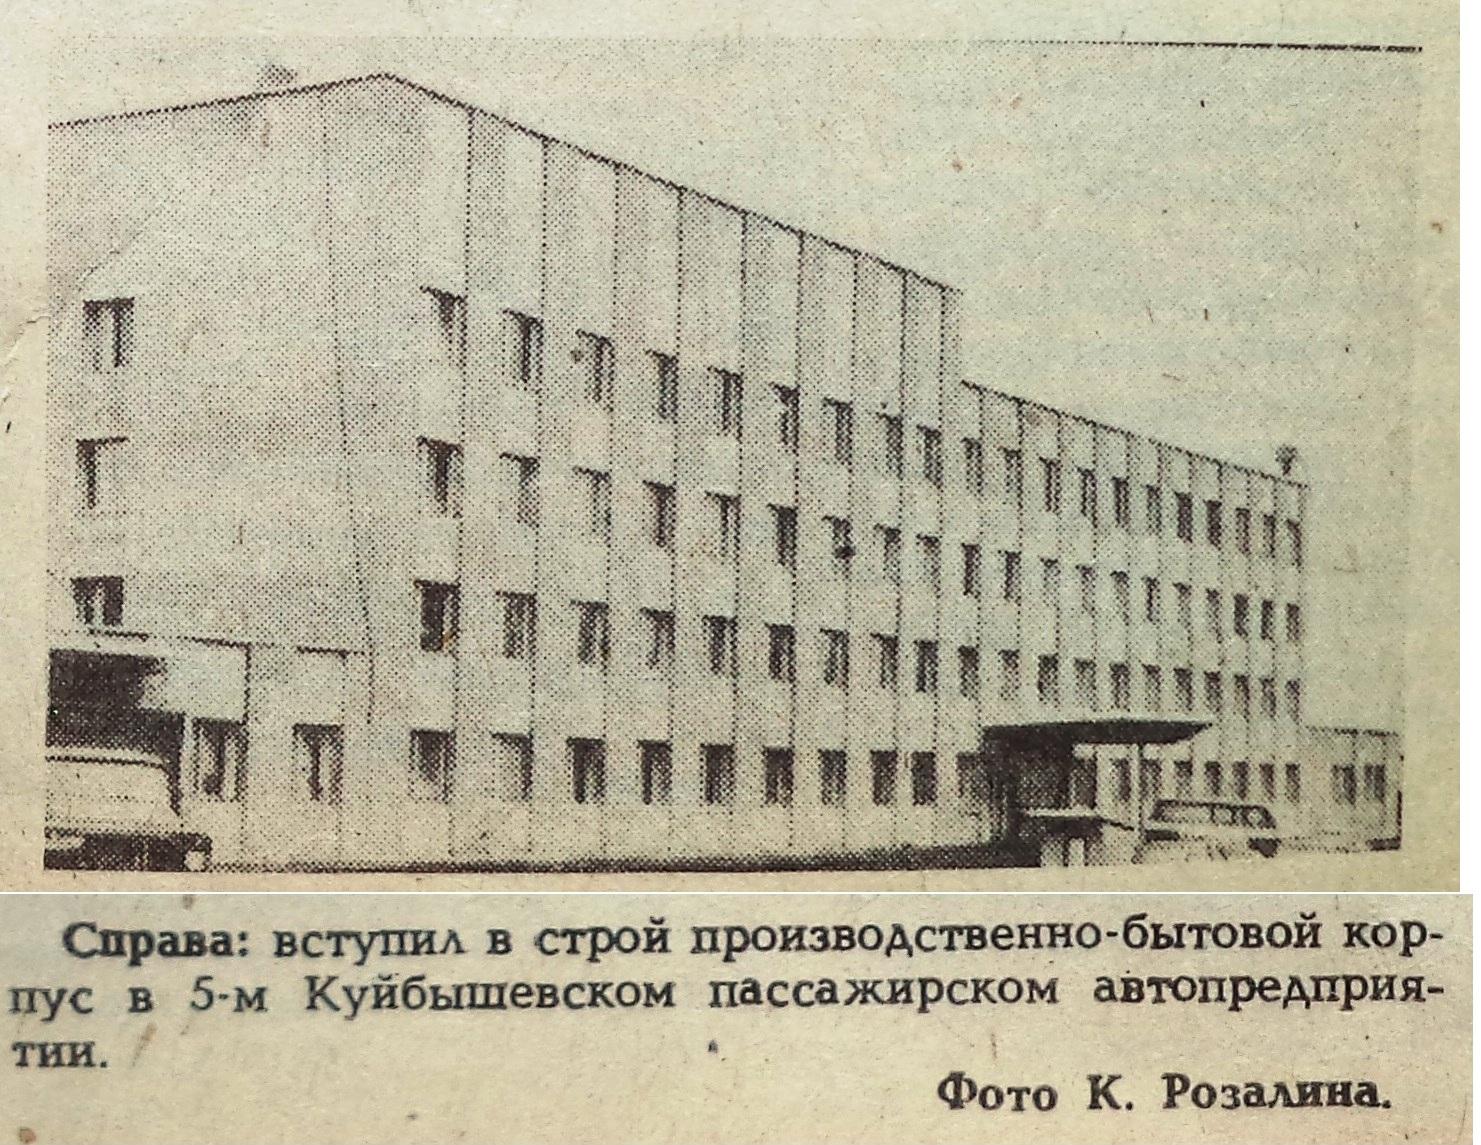 Пугачёвская-ФОТО-39-Автотранспортник-1986-19 ноября-2 - копия